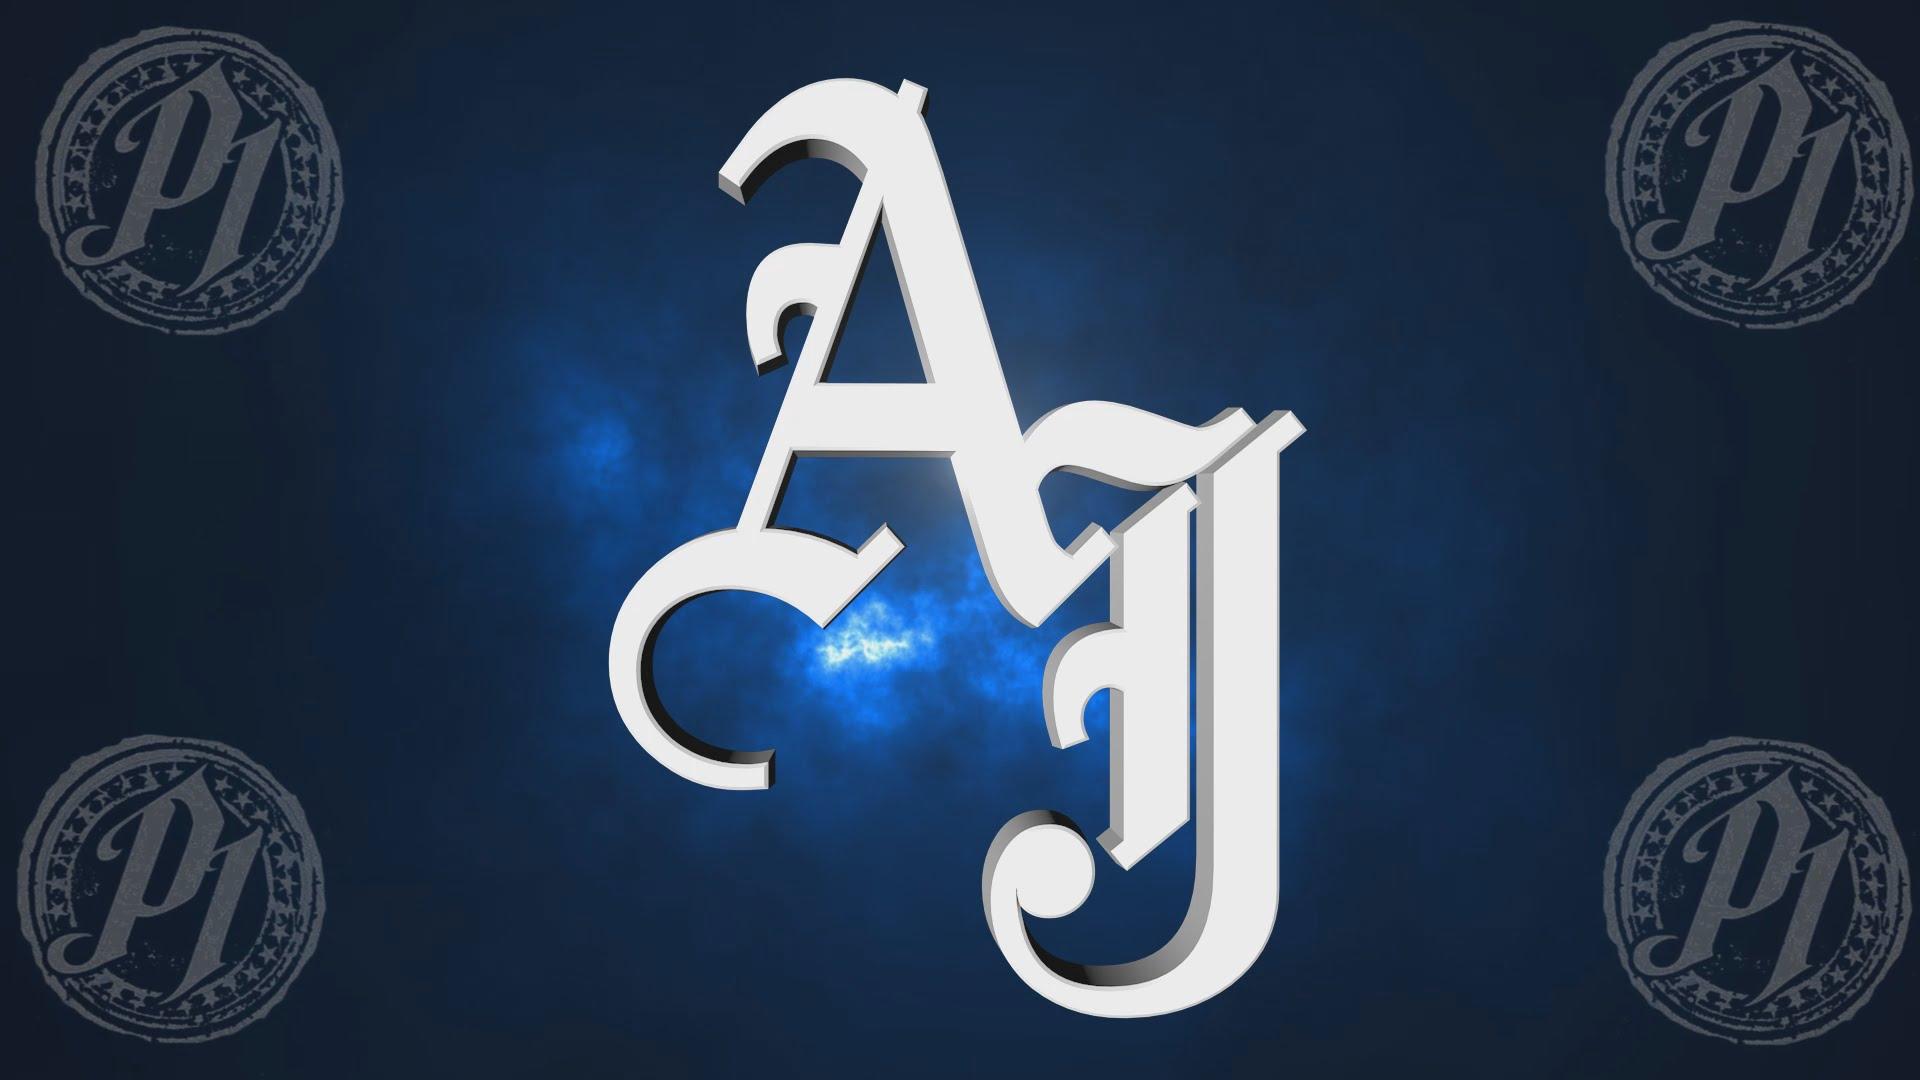 Aj Styles Logos